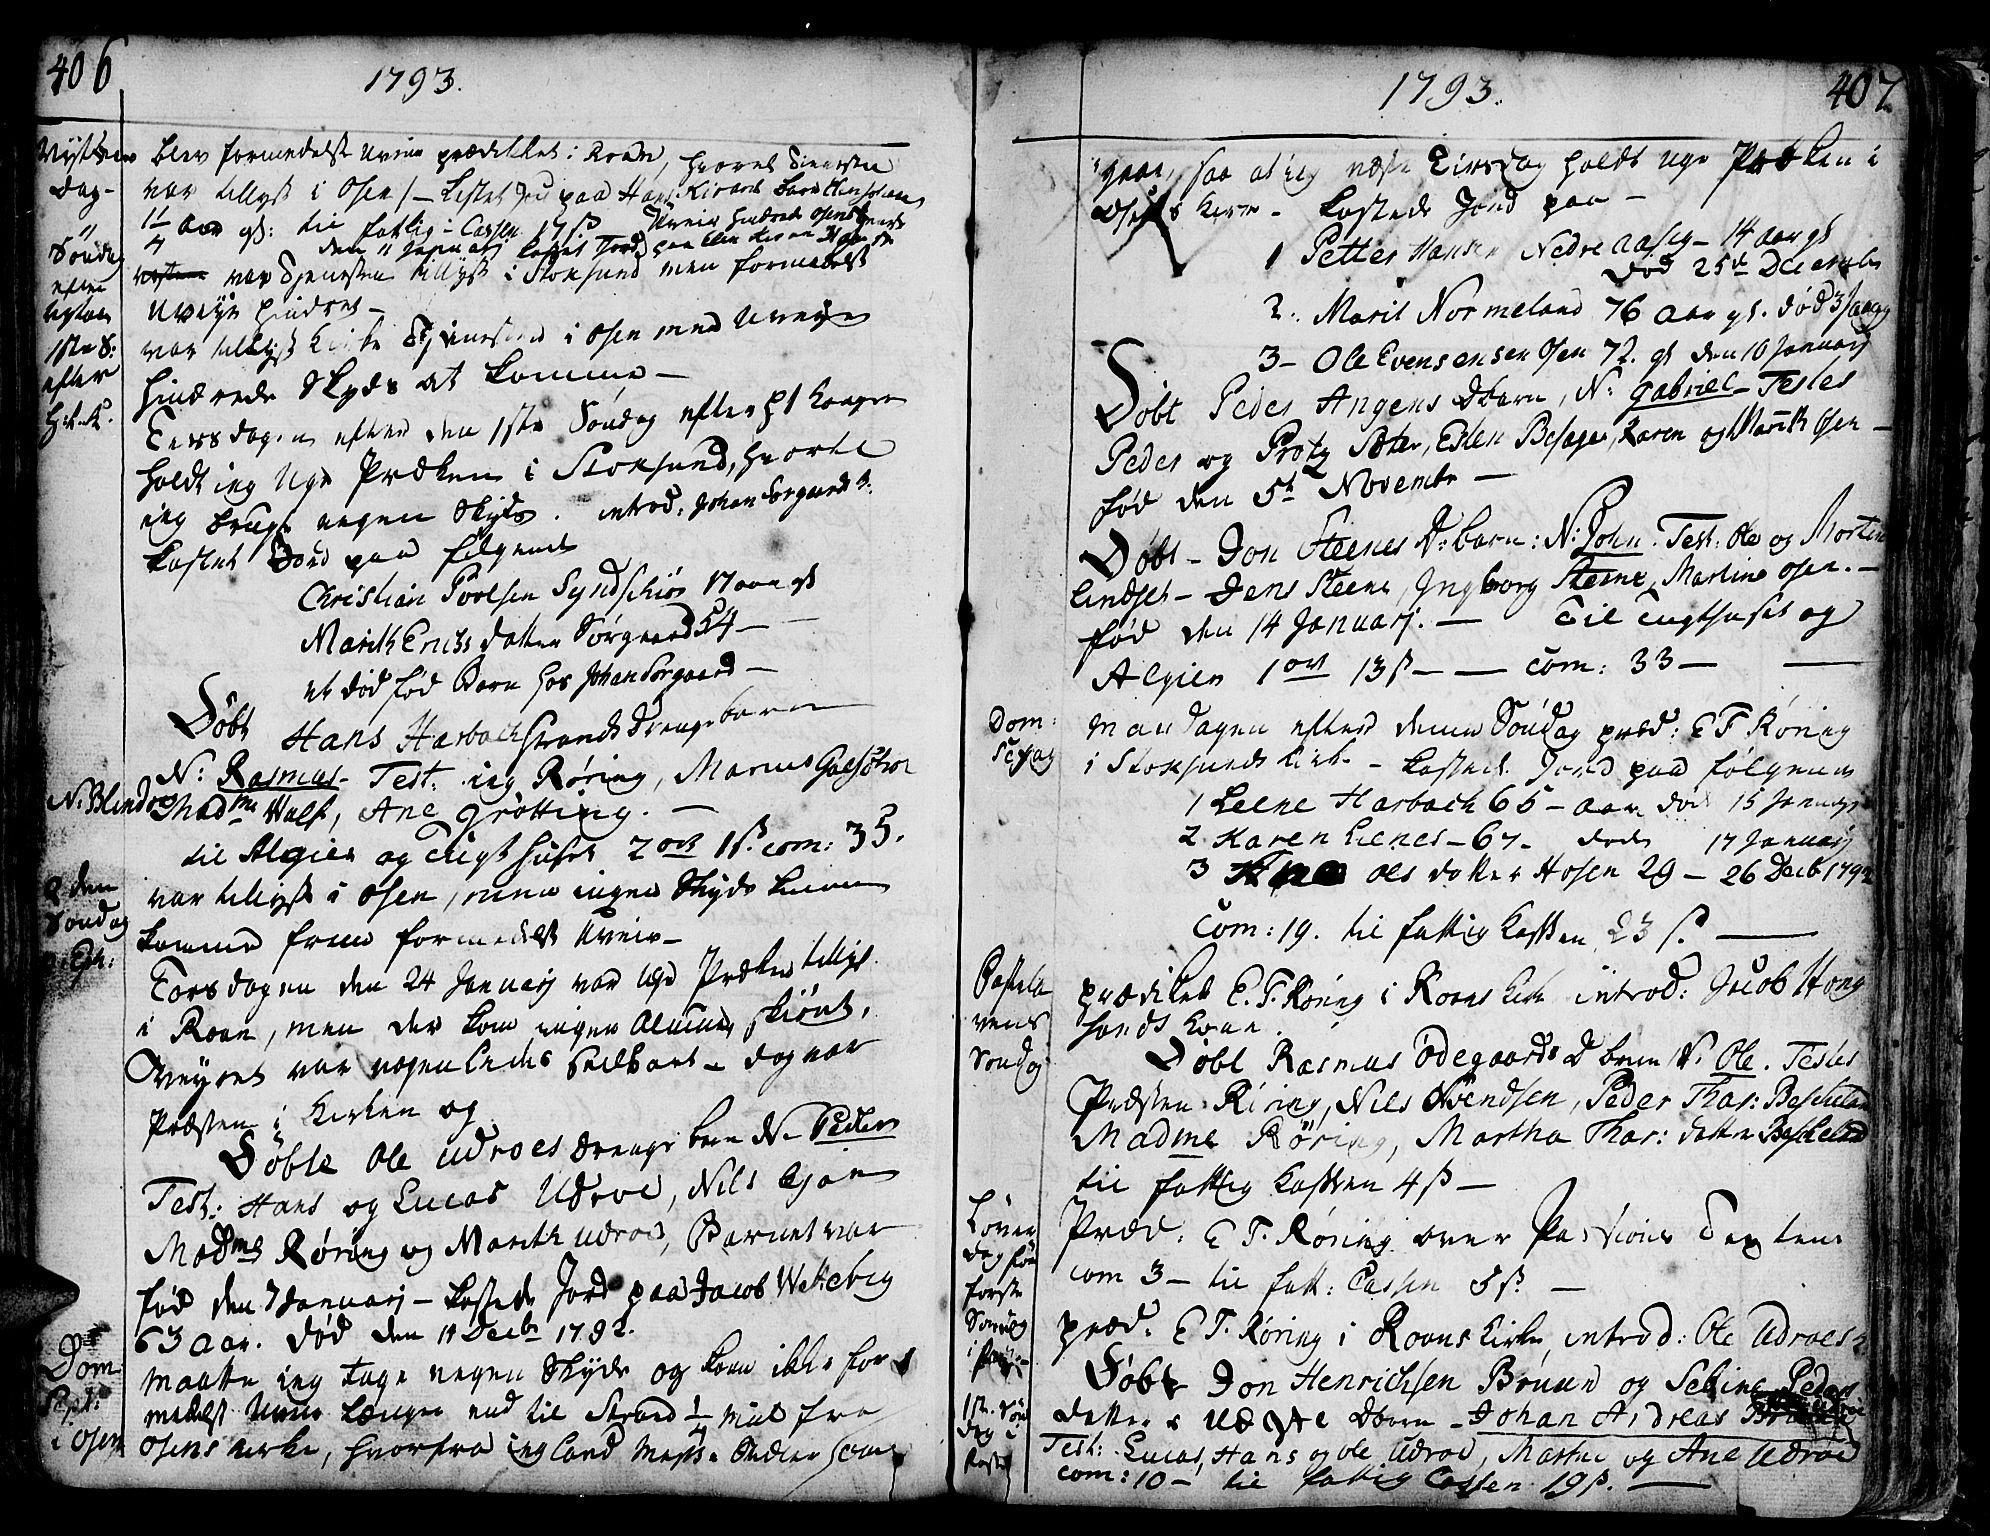 SAT, Ministerialprotokoller, klokkerbøker og fødselsregistre - Sør-Trøndelag, 657/L0700: Ministerialbok nr. 657A01, 1732-1801, s. 406-407